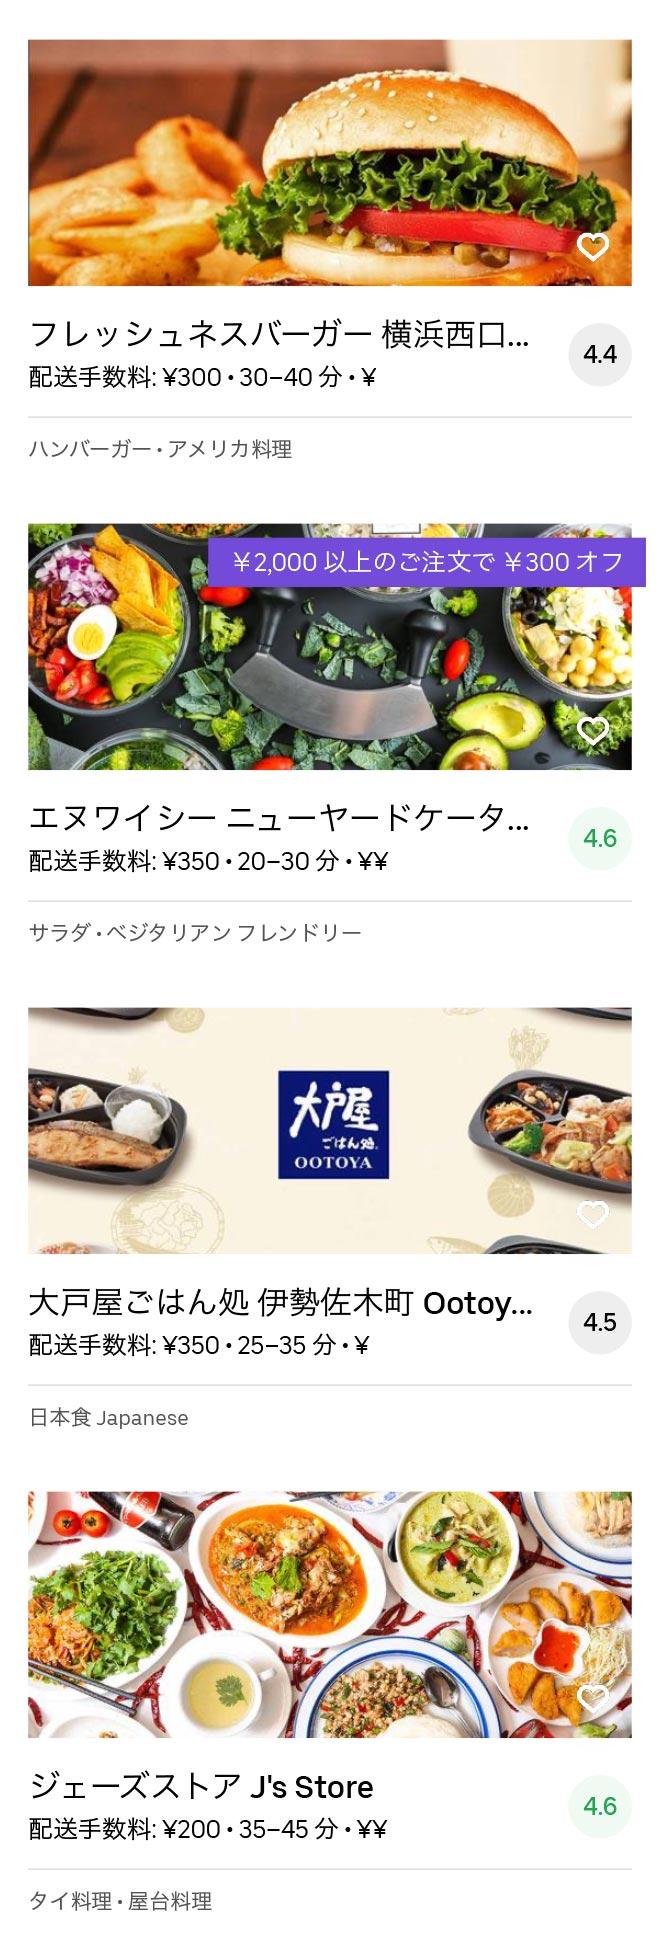 Yokohama hodogaya menu 2004 04